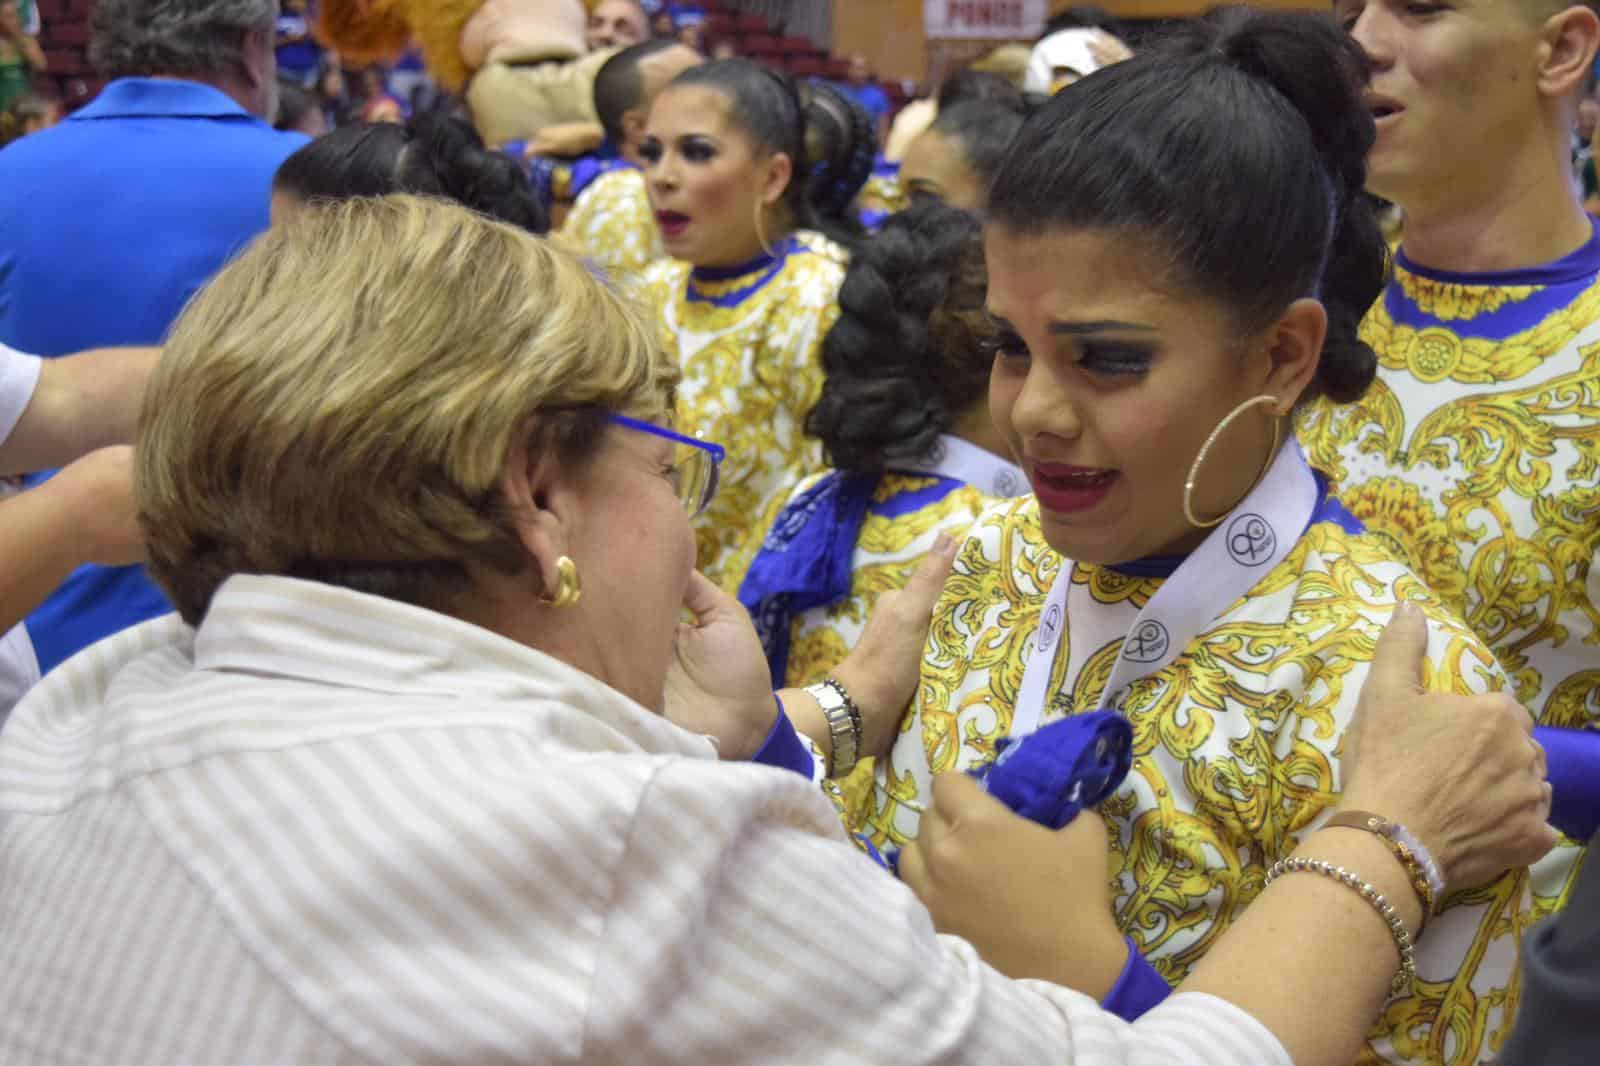 La Pontificia gana el campeonato en baile